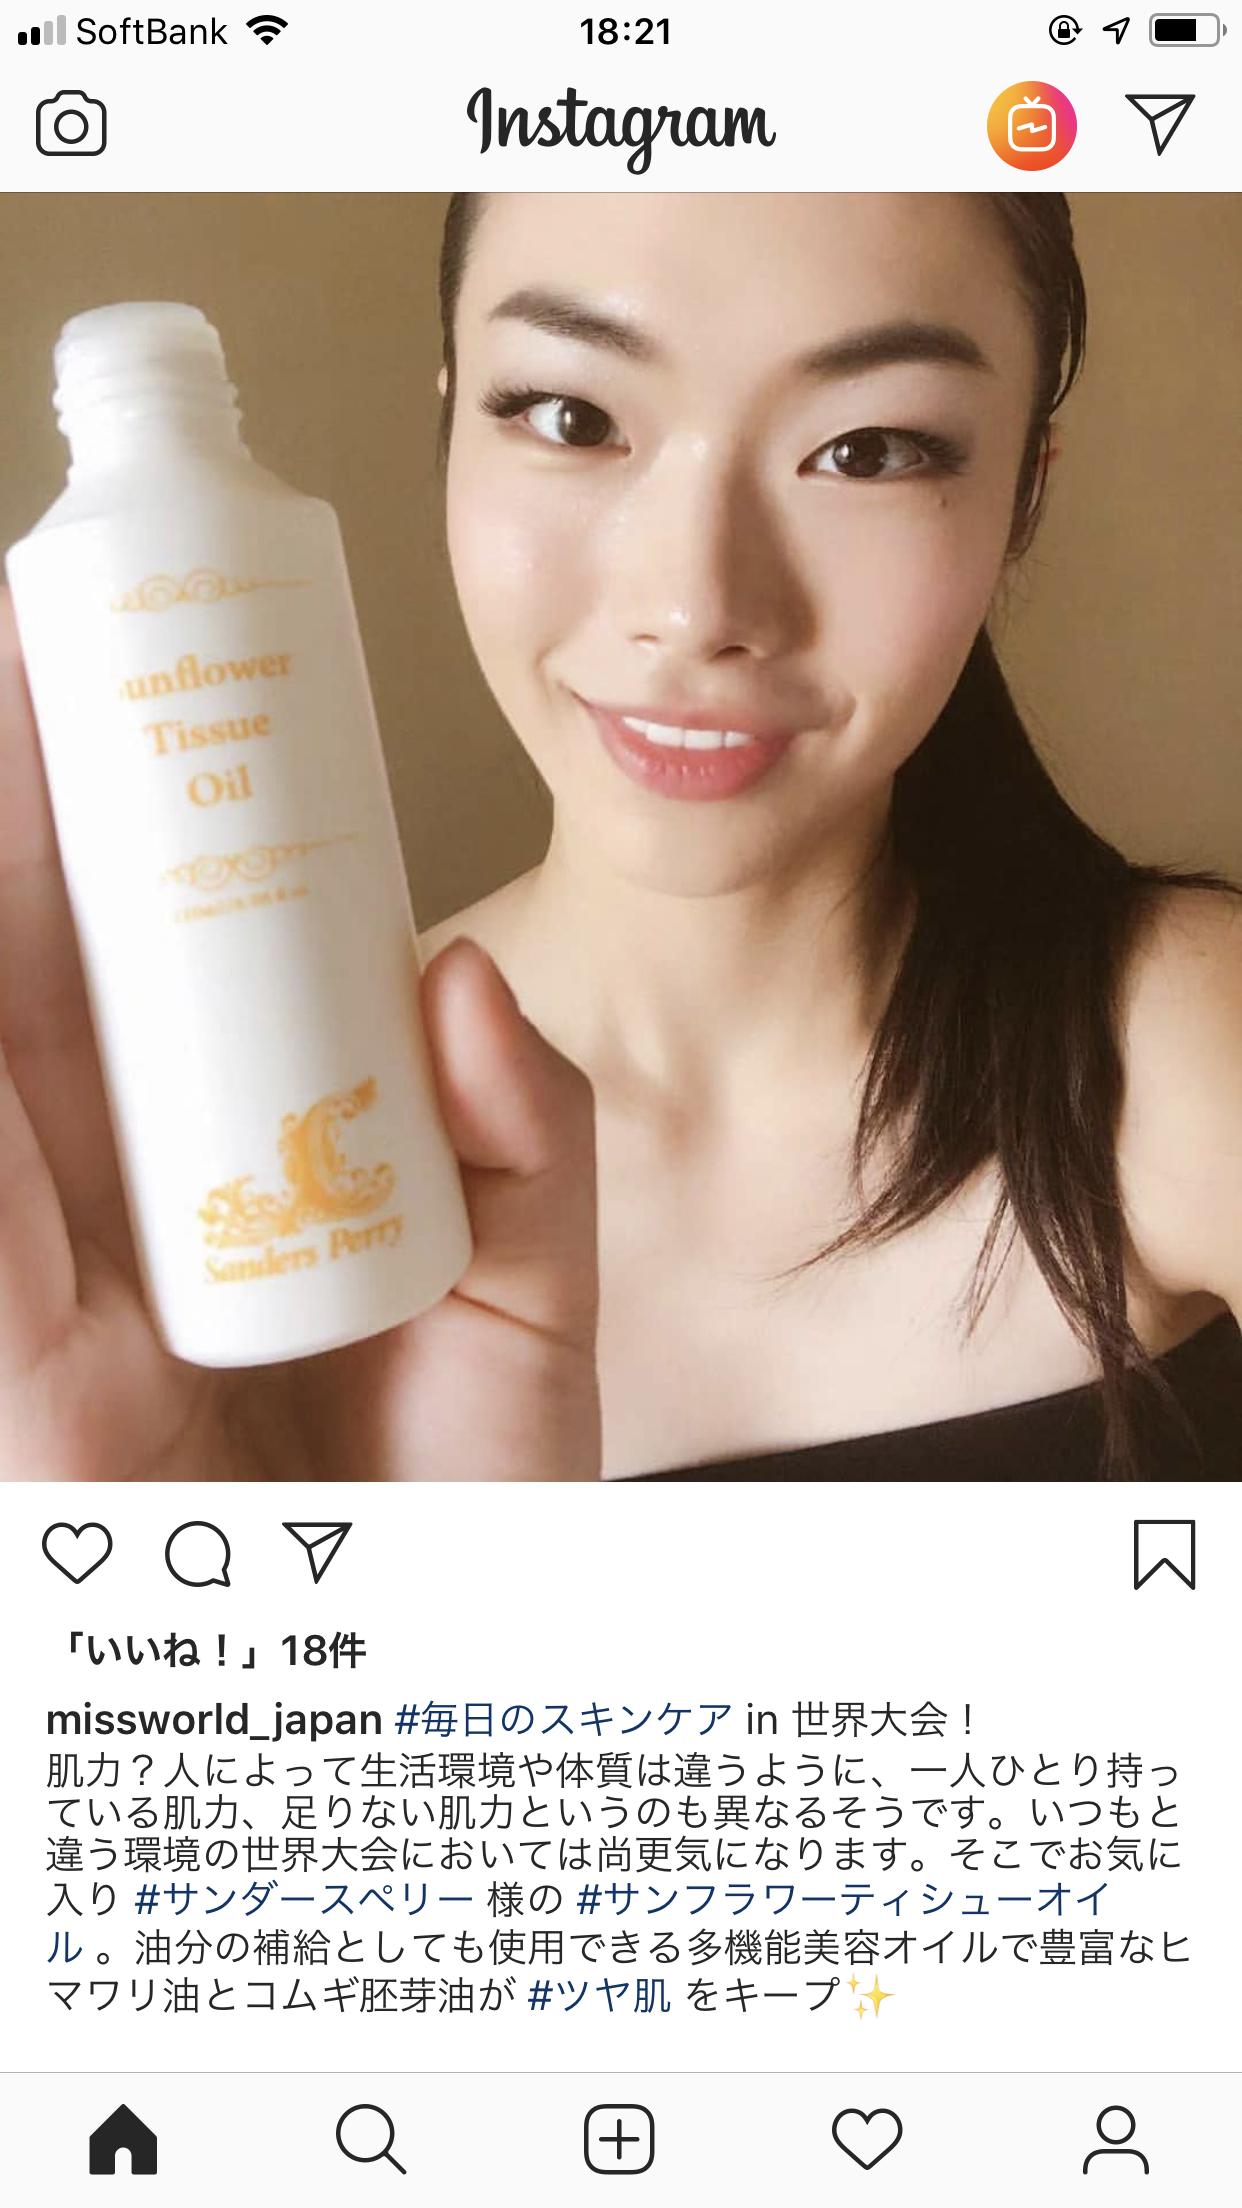 ミス・ワールド・ジャパン2018 日本代表 伊達佳奈子さんご愛用スキンア